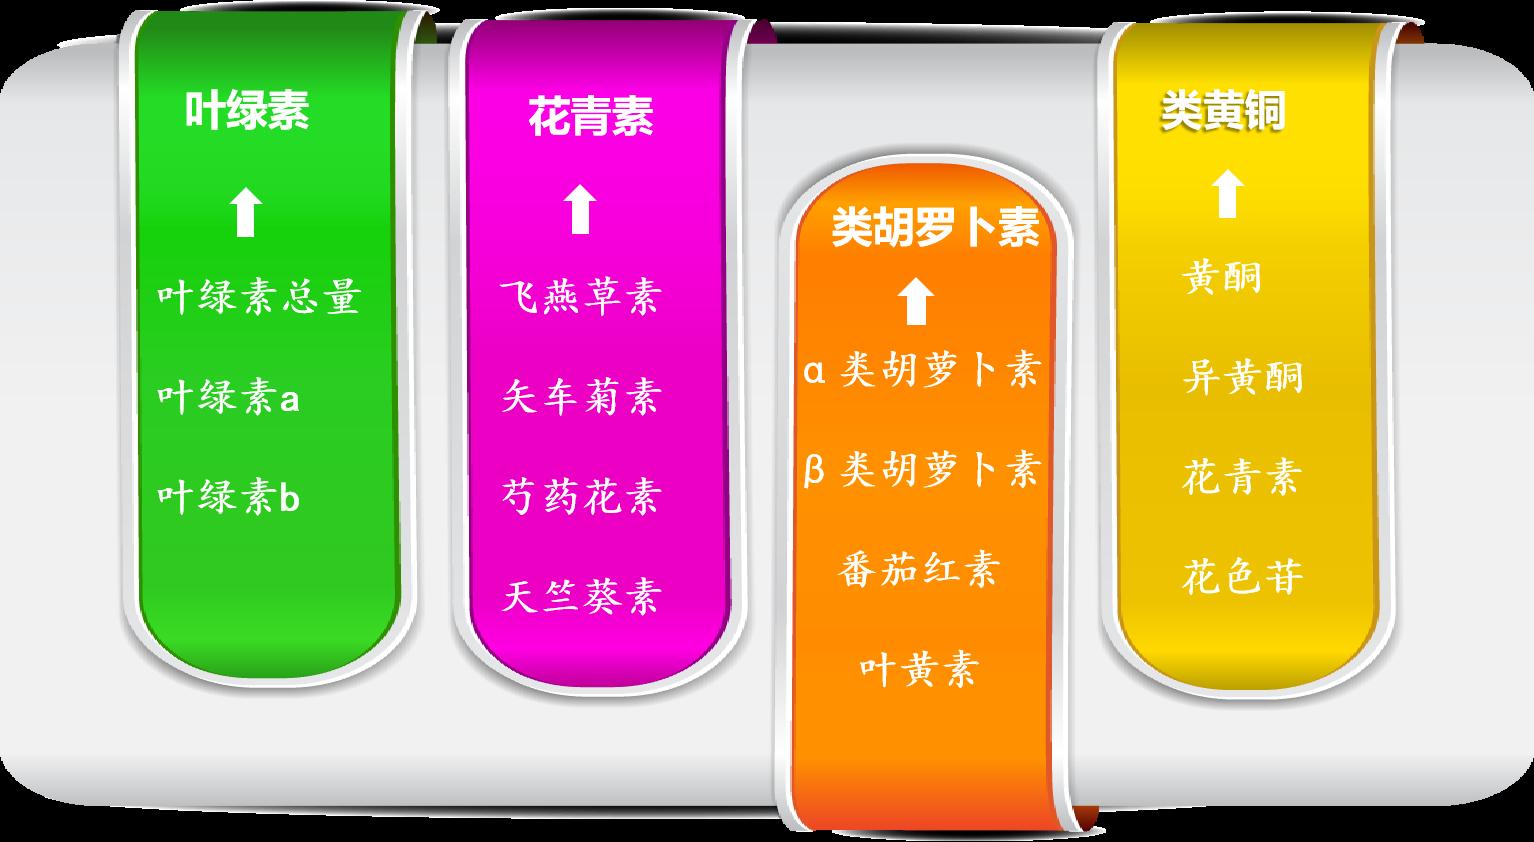 植物色素检测-叶绿素,花青素,类胡萝卜素,类黄酮